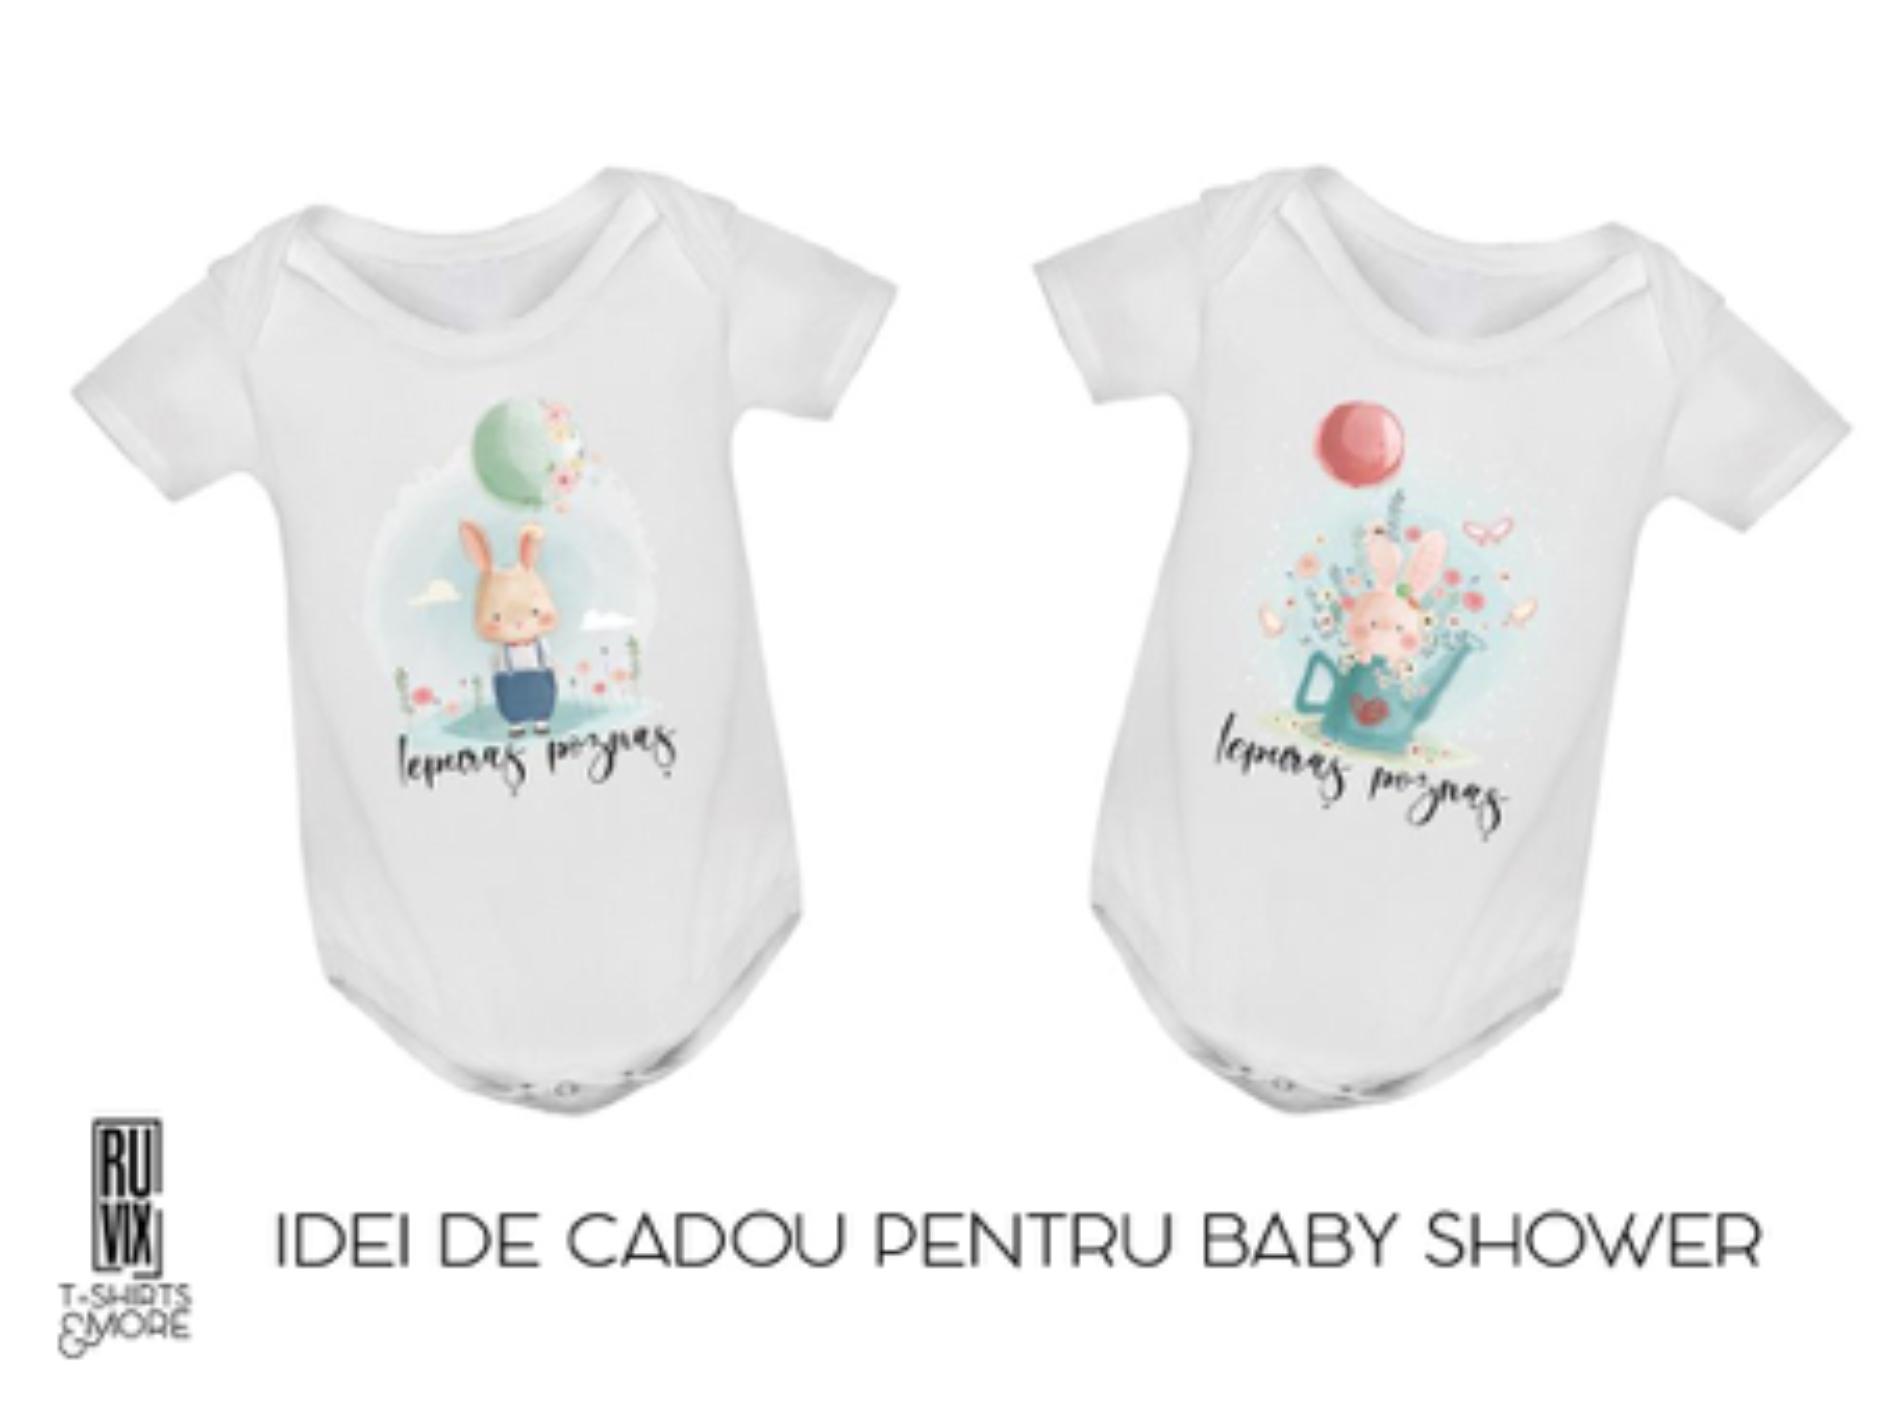 Un body personalizat pentru bebe, ideea perfectă de cadou pentru